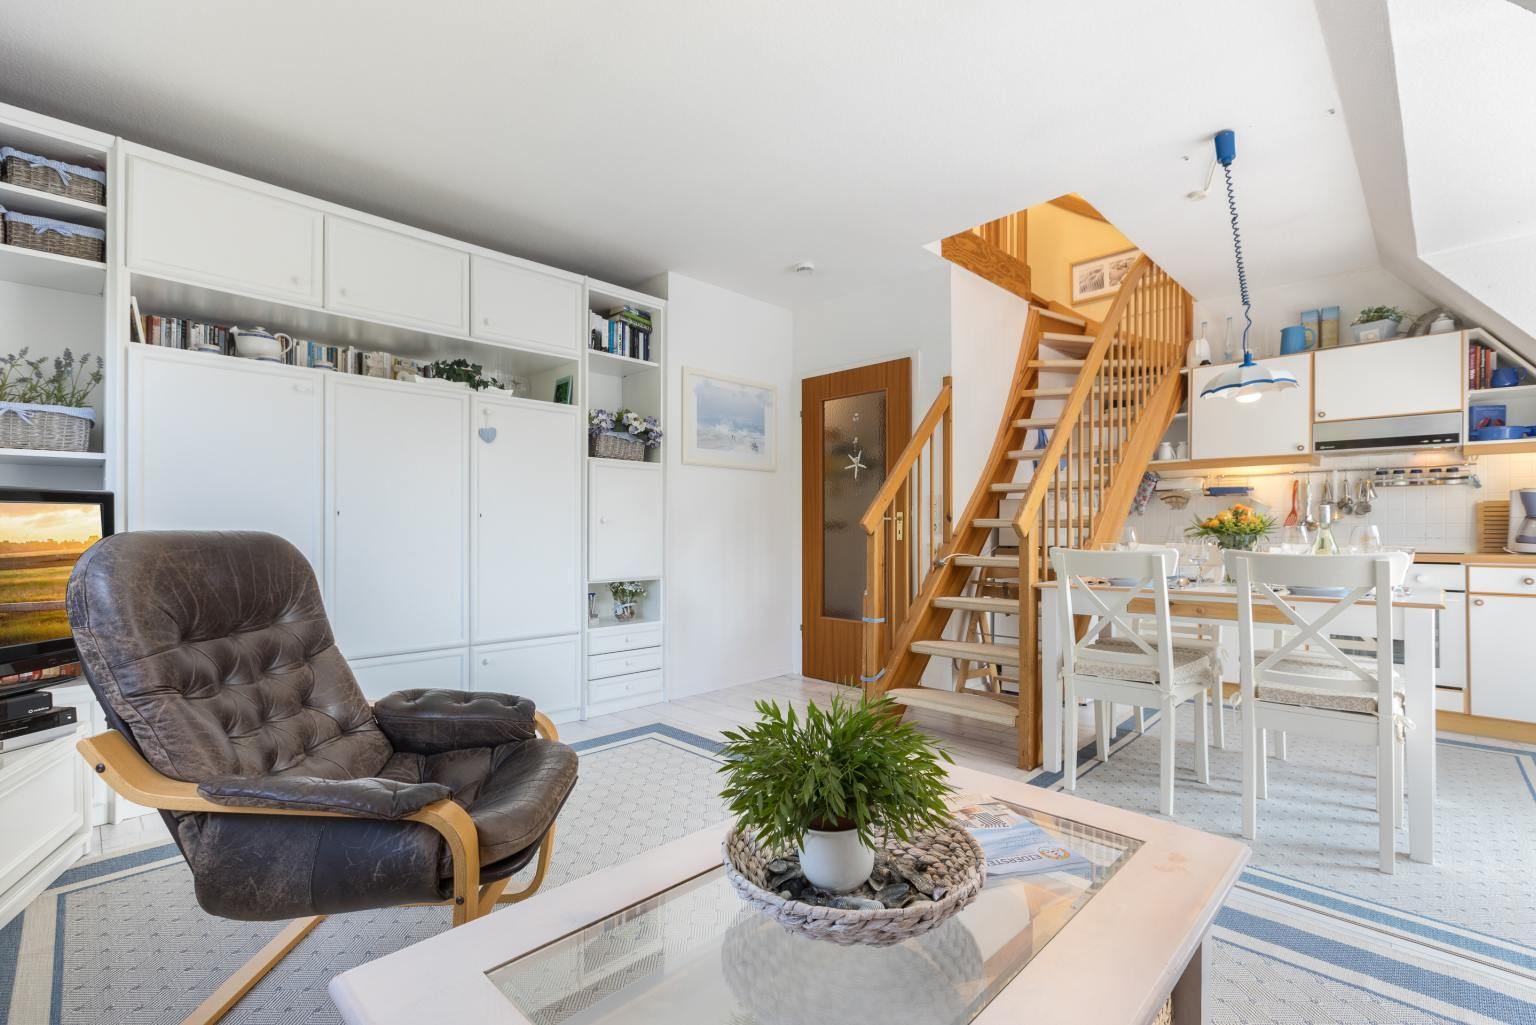 Wohnzimmer, Küche und Essbereich